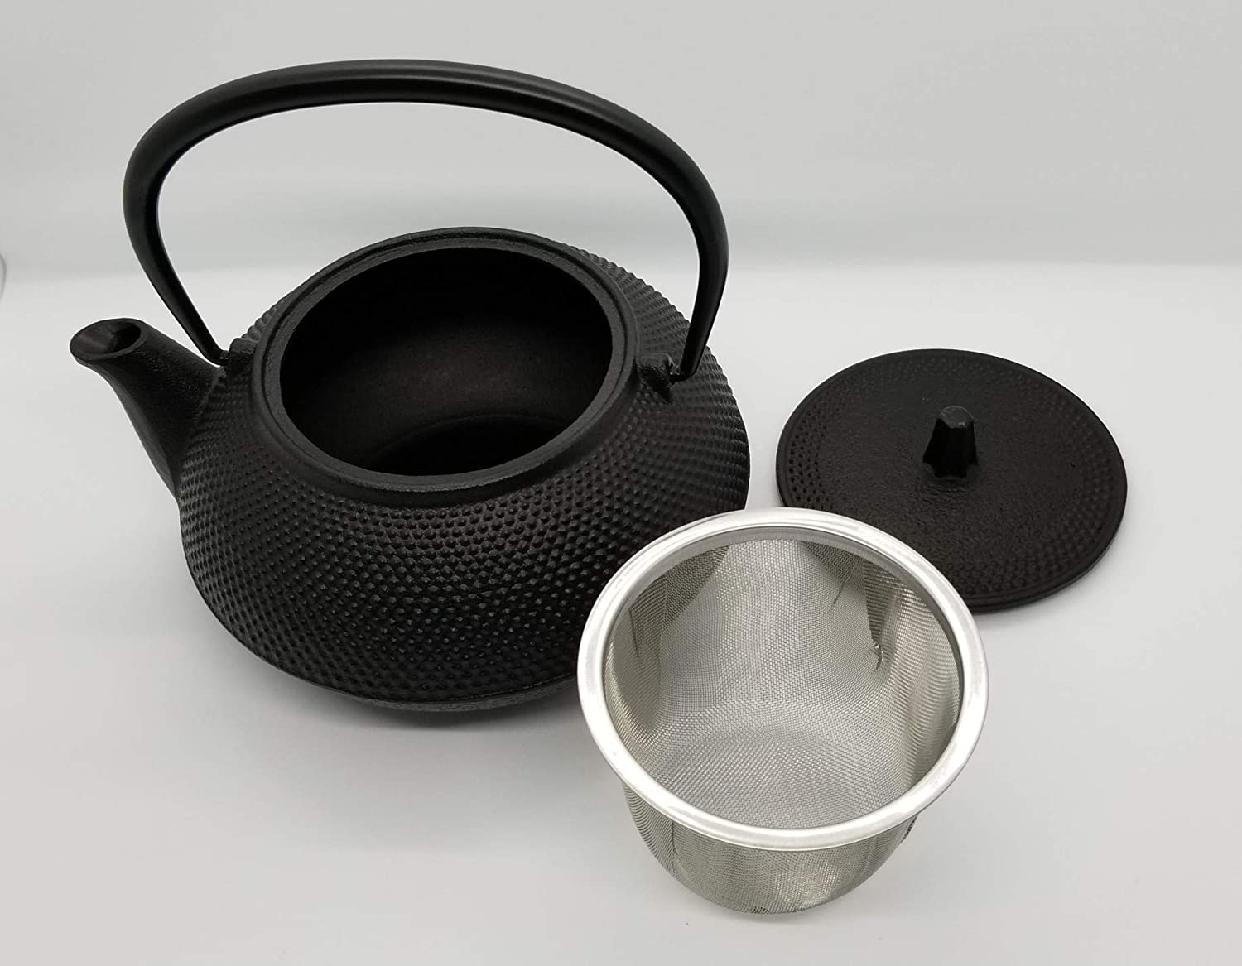 岩鋳(Iwachu) 鉄瓶兼用急須 5型新アラレ ブラックの商品画像7